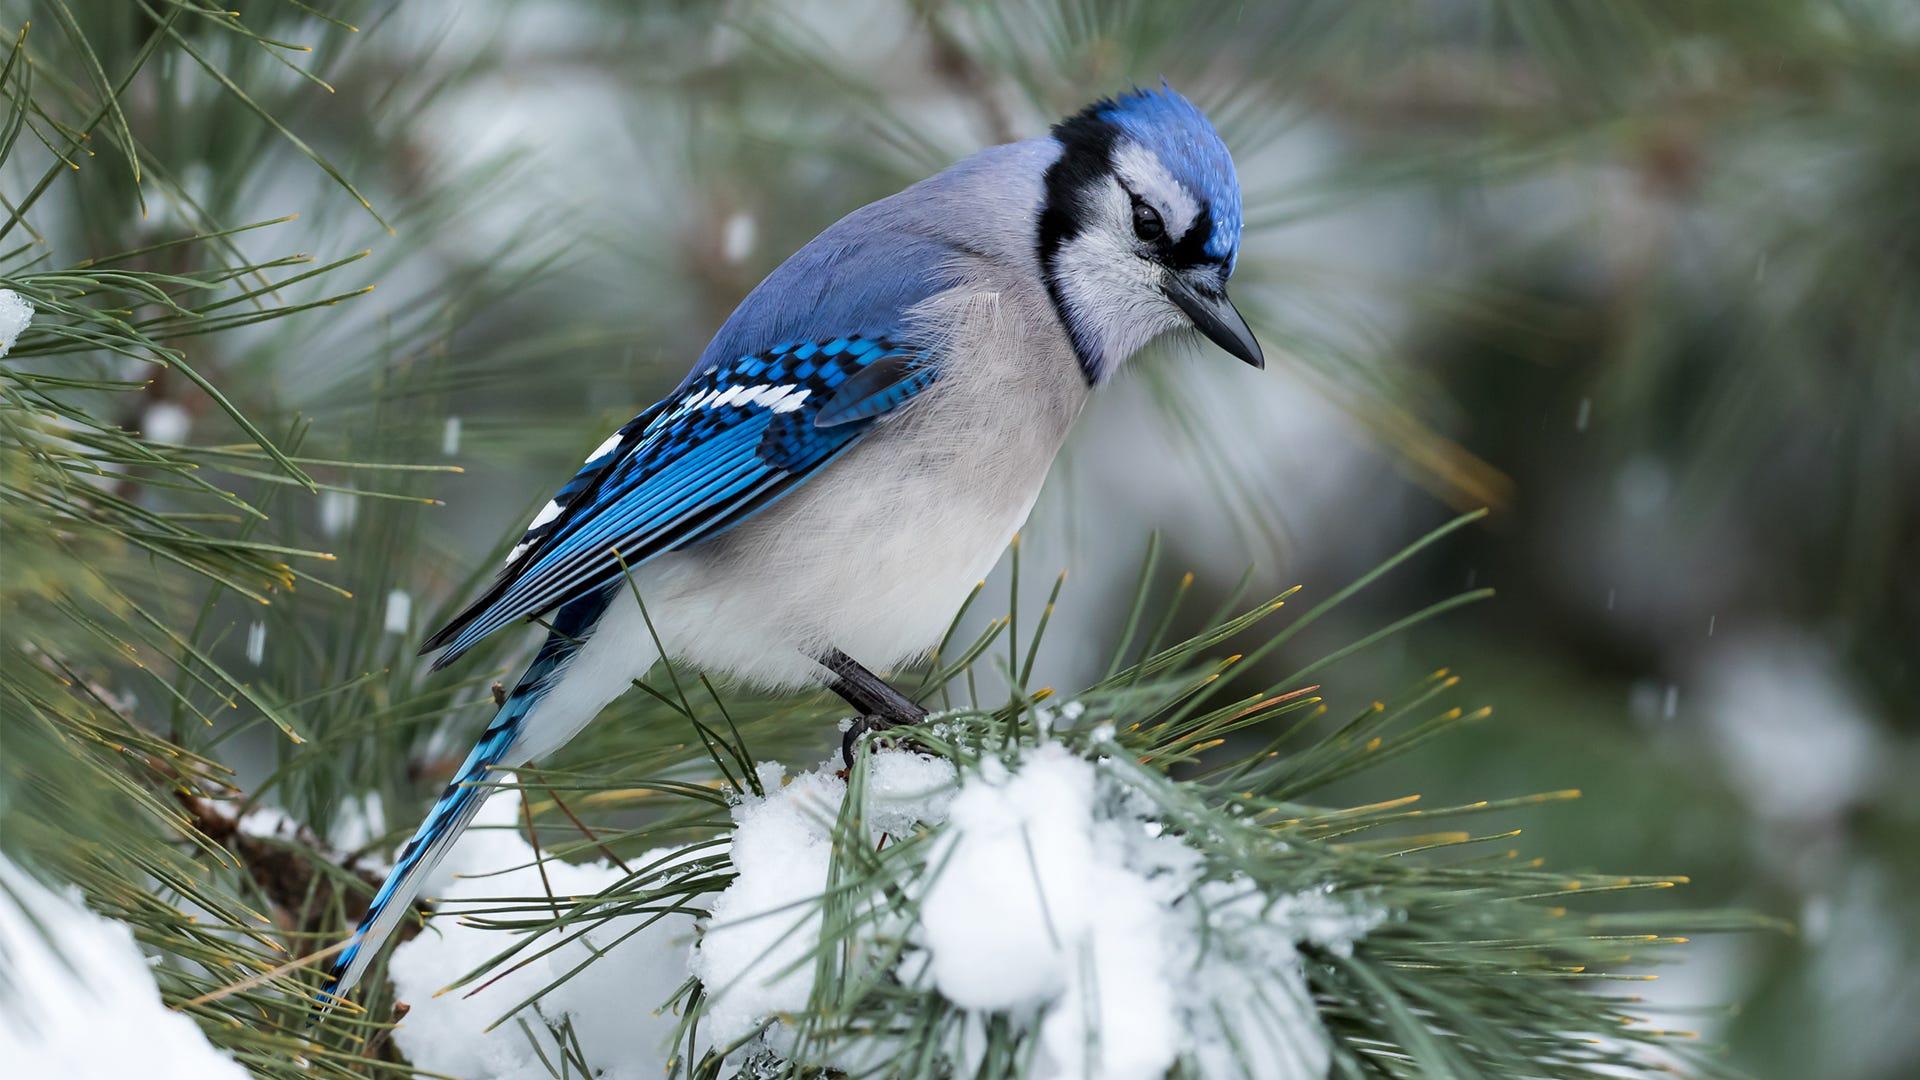 Join the Audubon's Society's Annual Christmas Bird Count